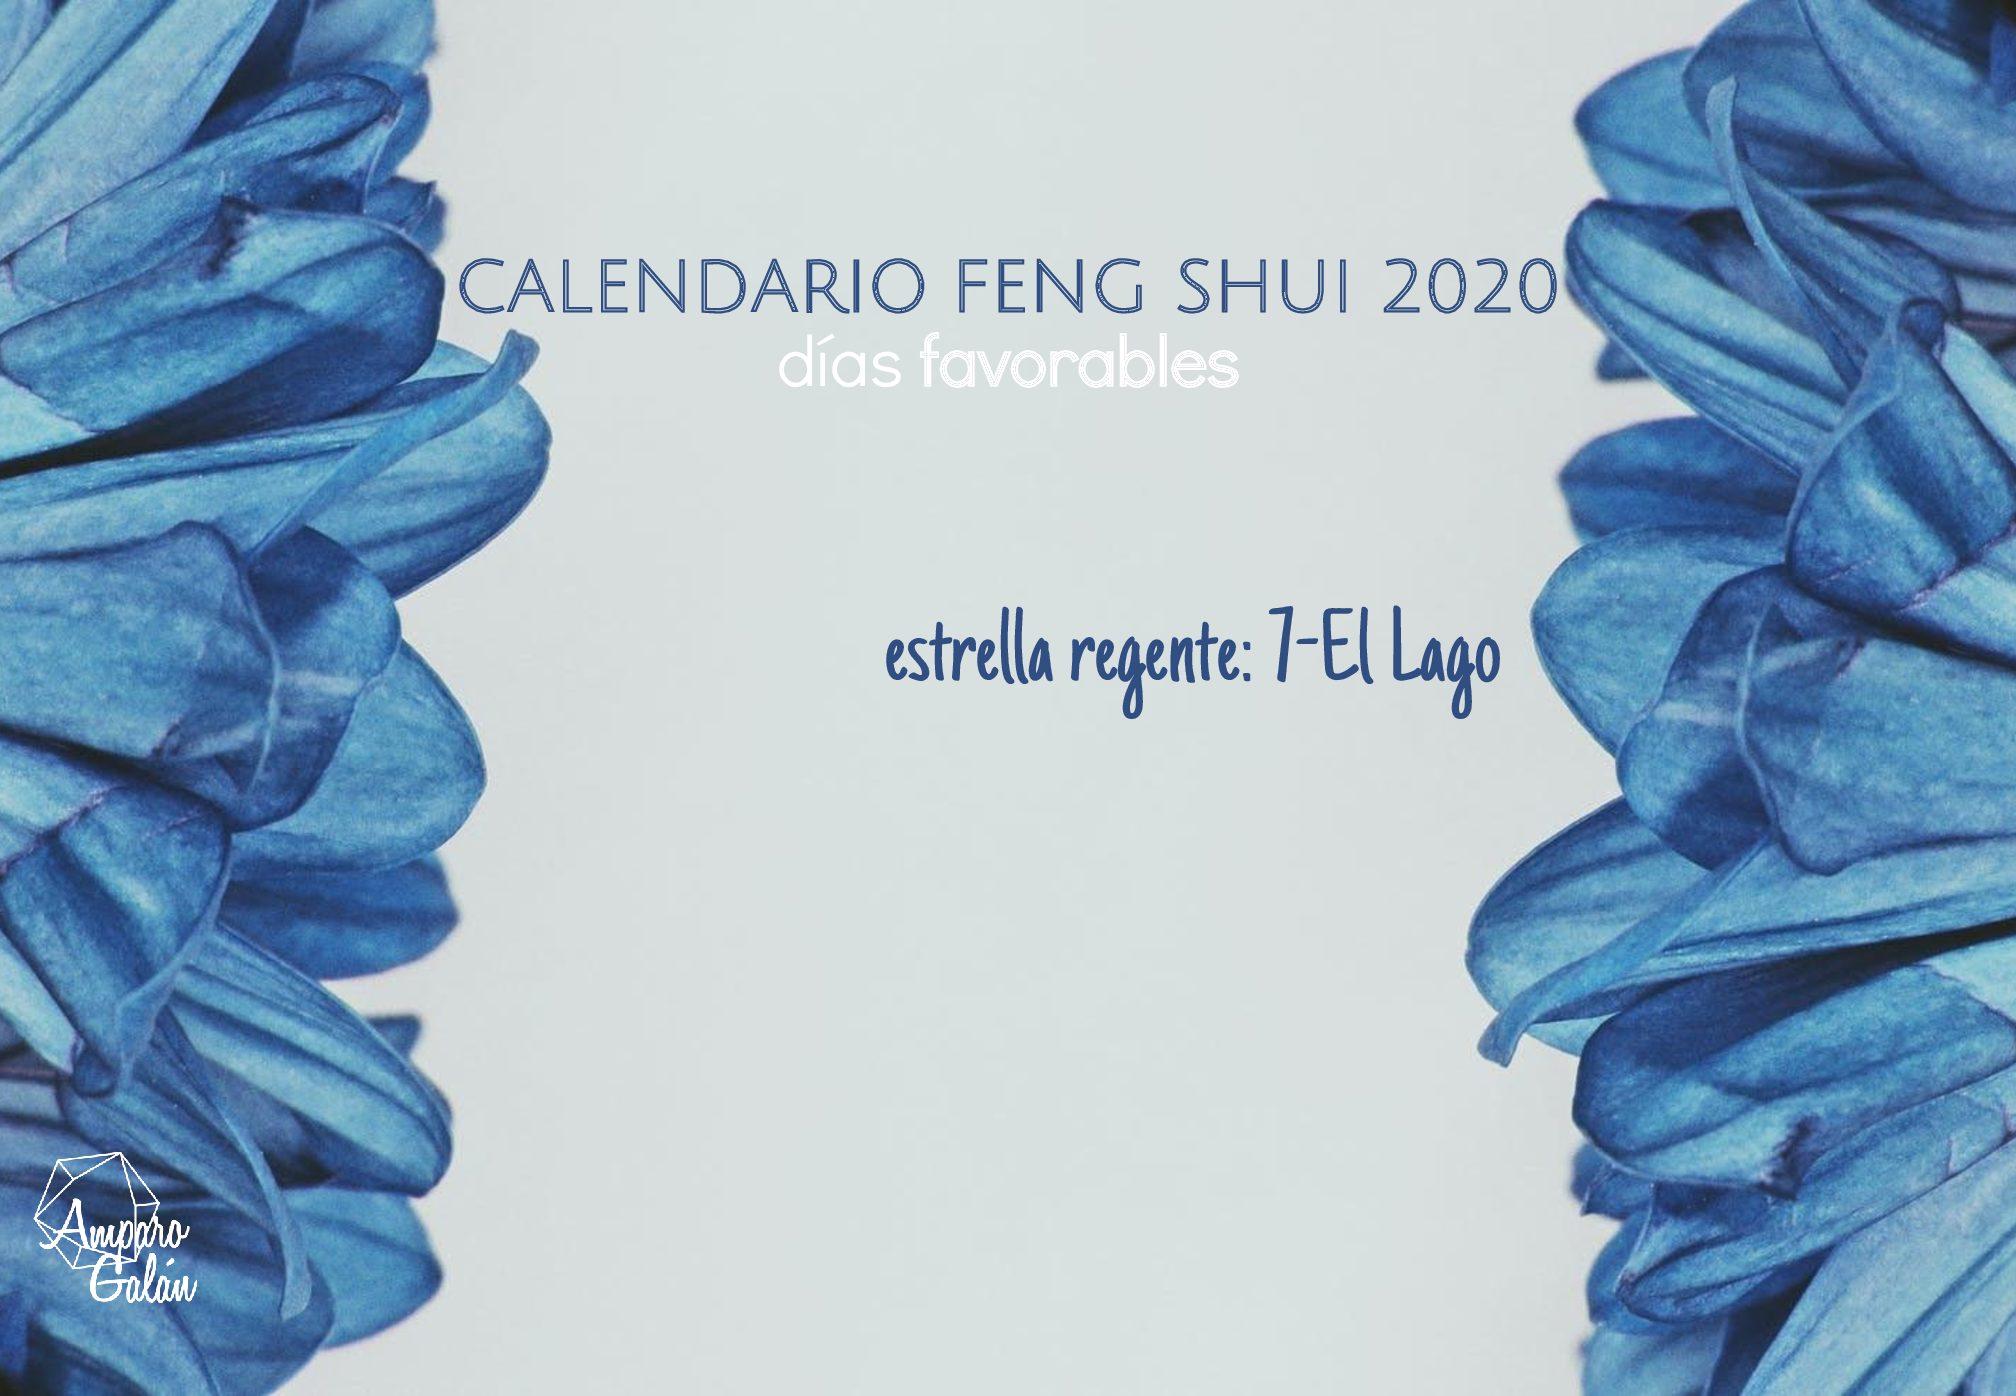 Calendario Feng Shui 2020